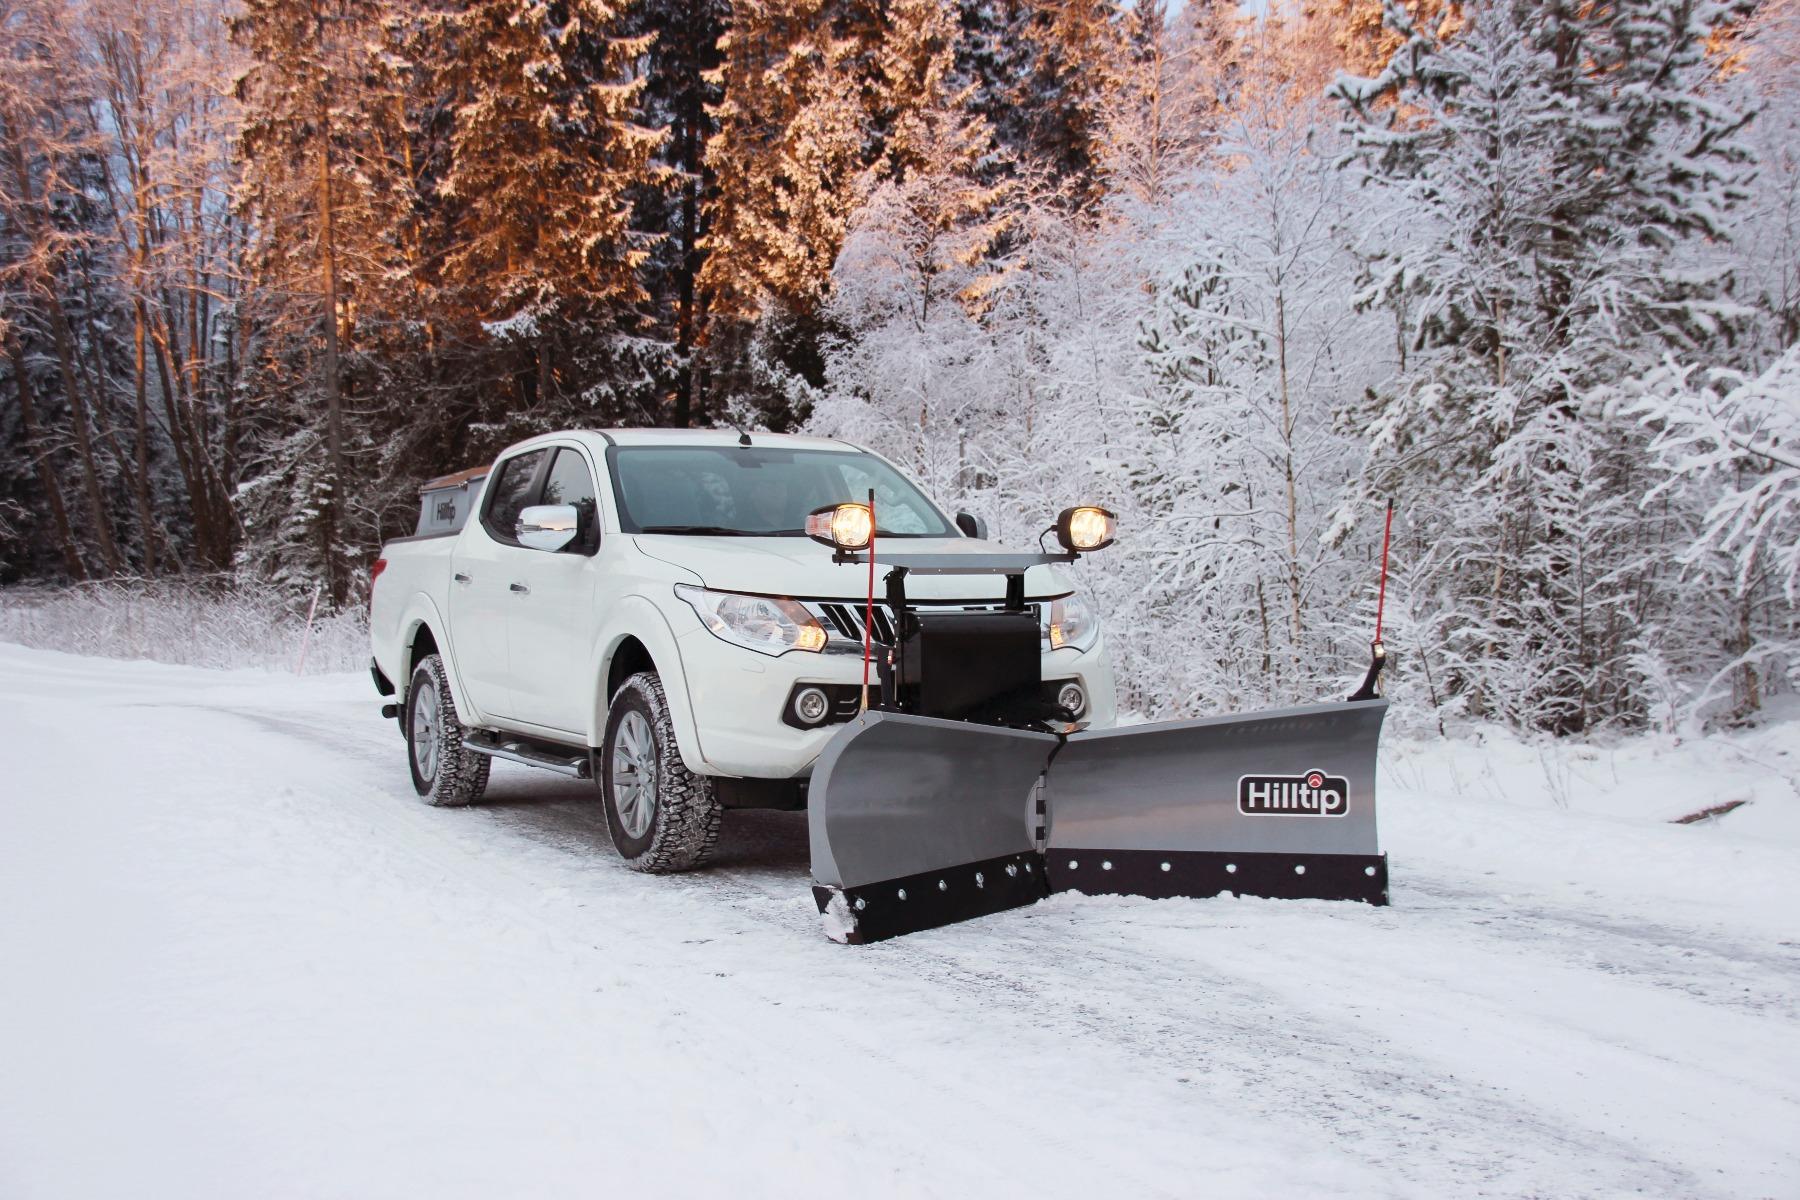 Hilltip SnowStriker Snow Ploughs